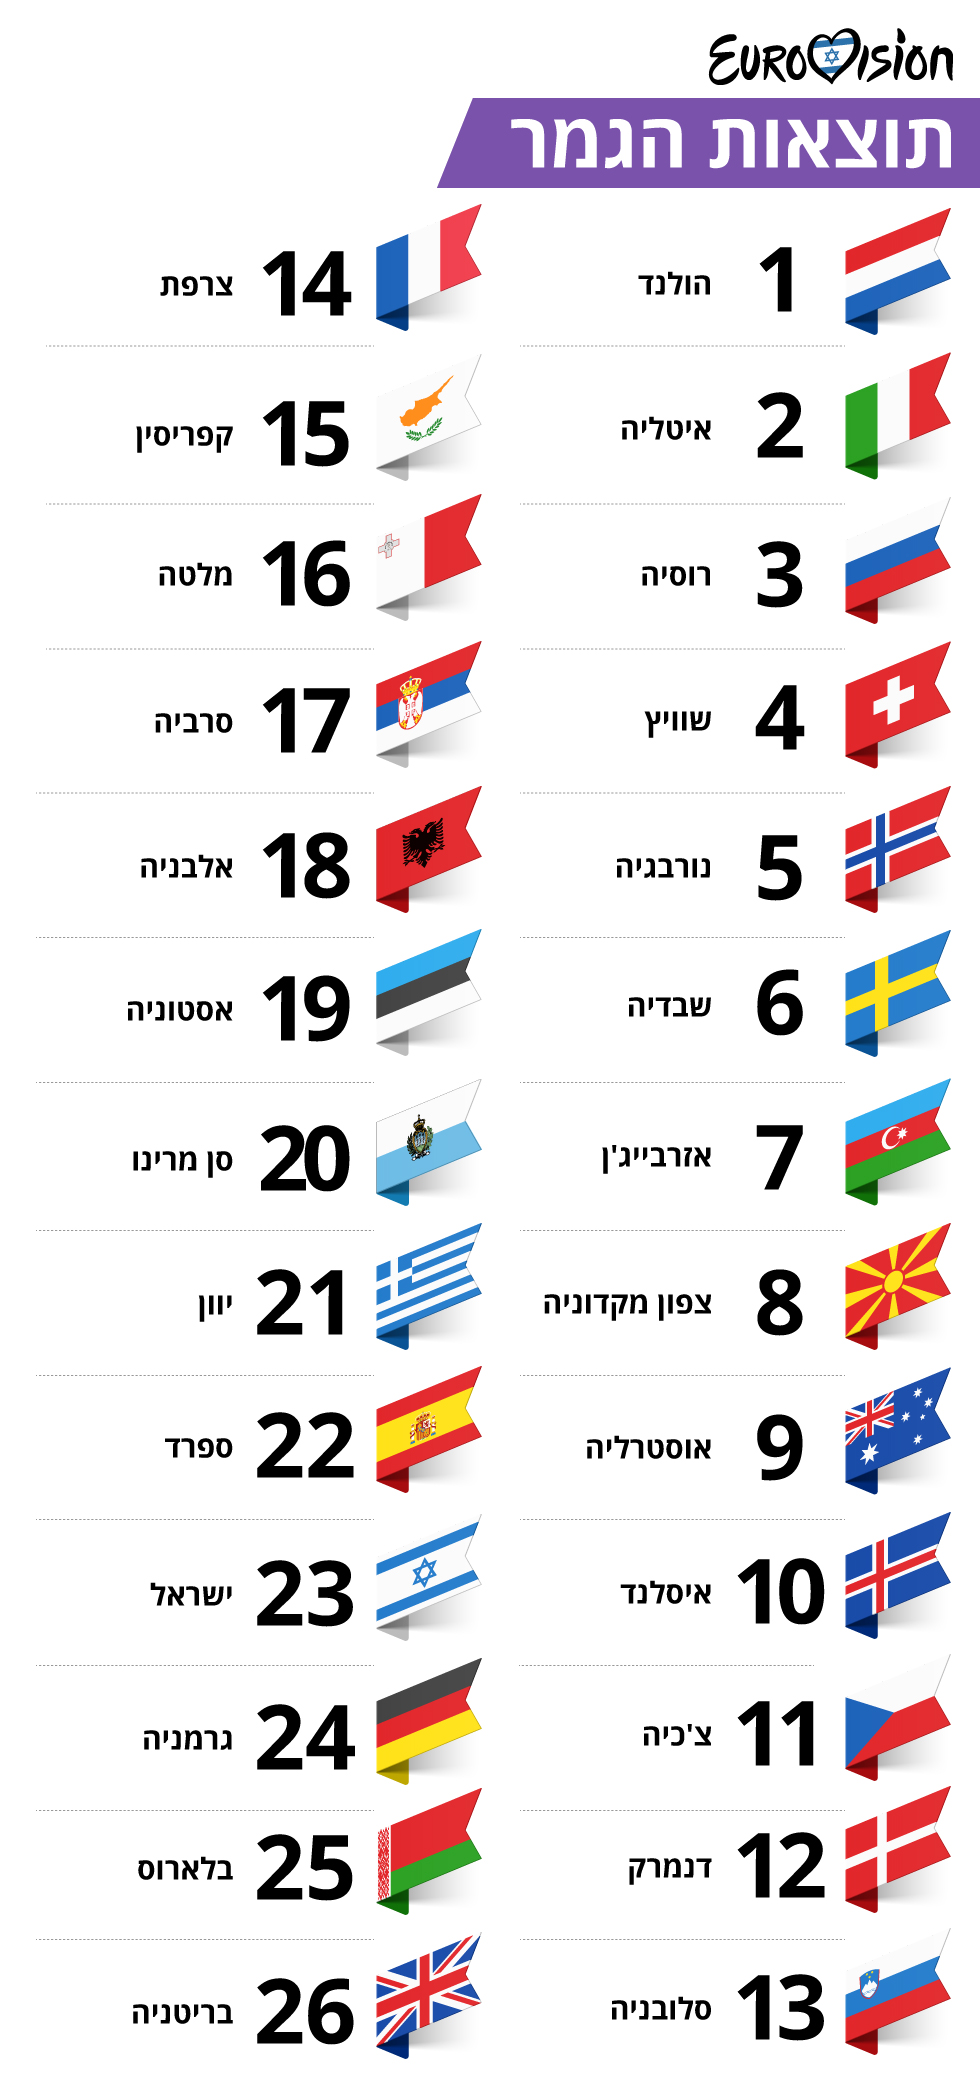 אירוויזיון האירוויזיון תל אביב 2019 גמר תוצאות ()